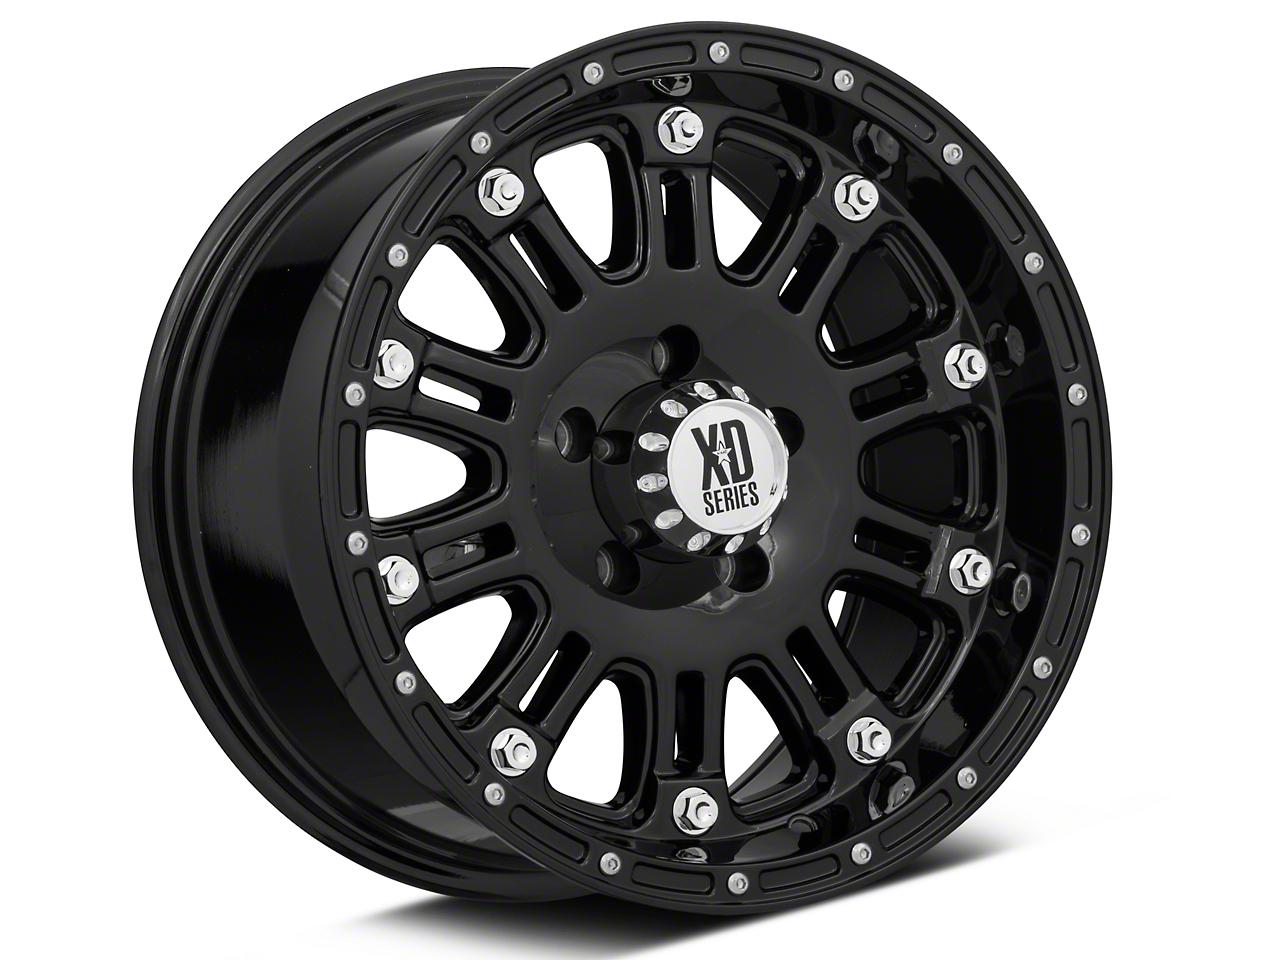 XD Hoss Gloss Black W/ Clear Coat Wheel - 17x9 Wheel (07-18 Wrangler JK)